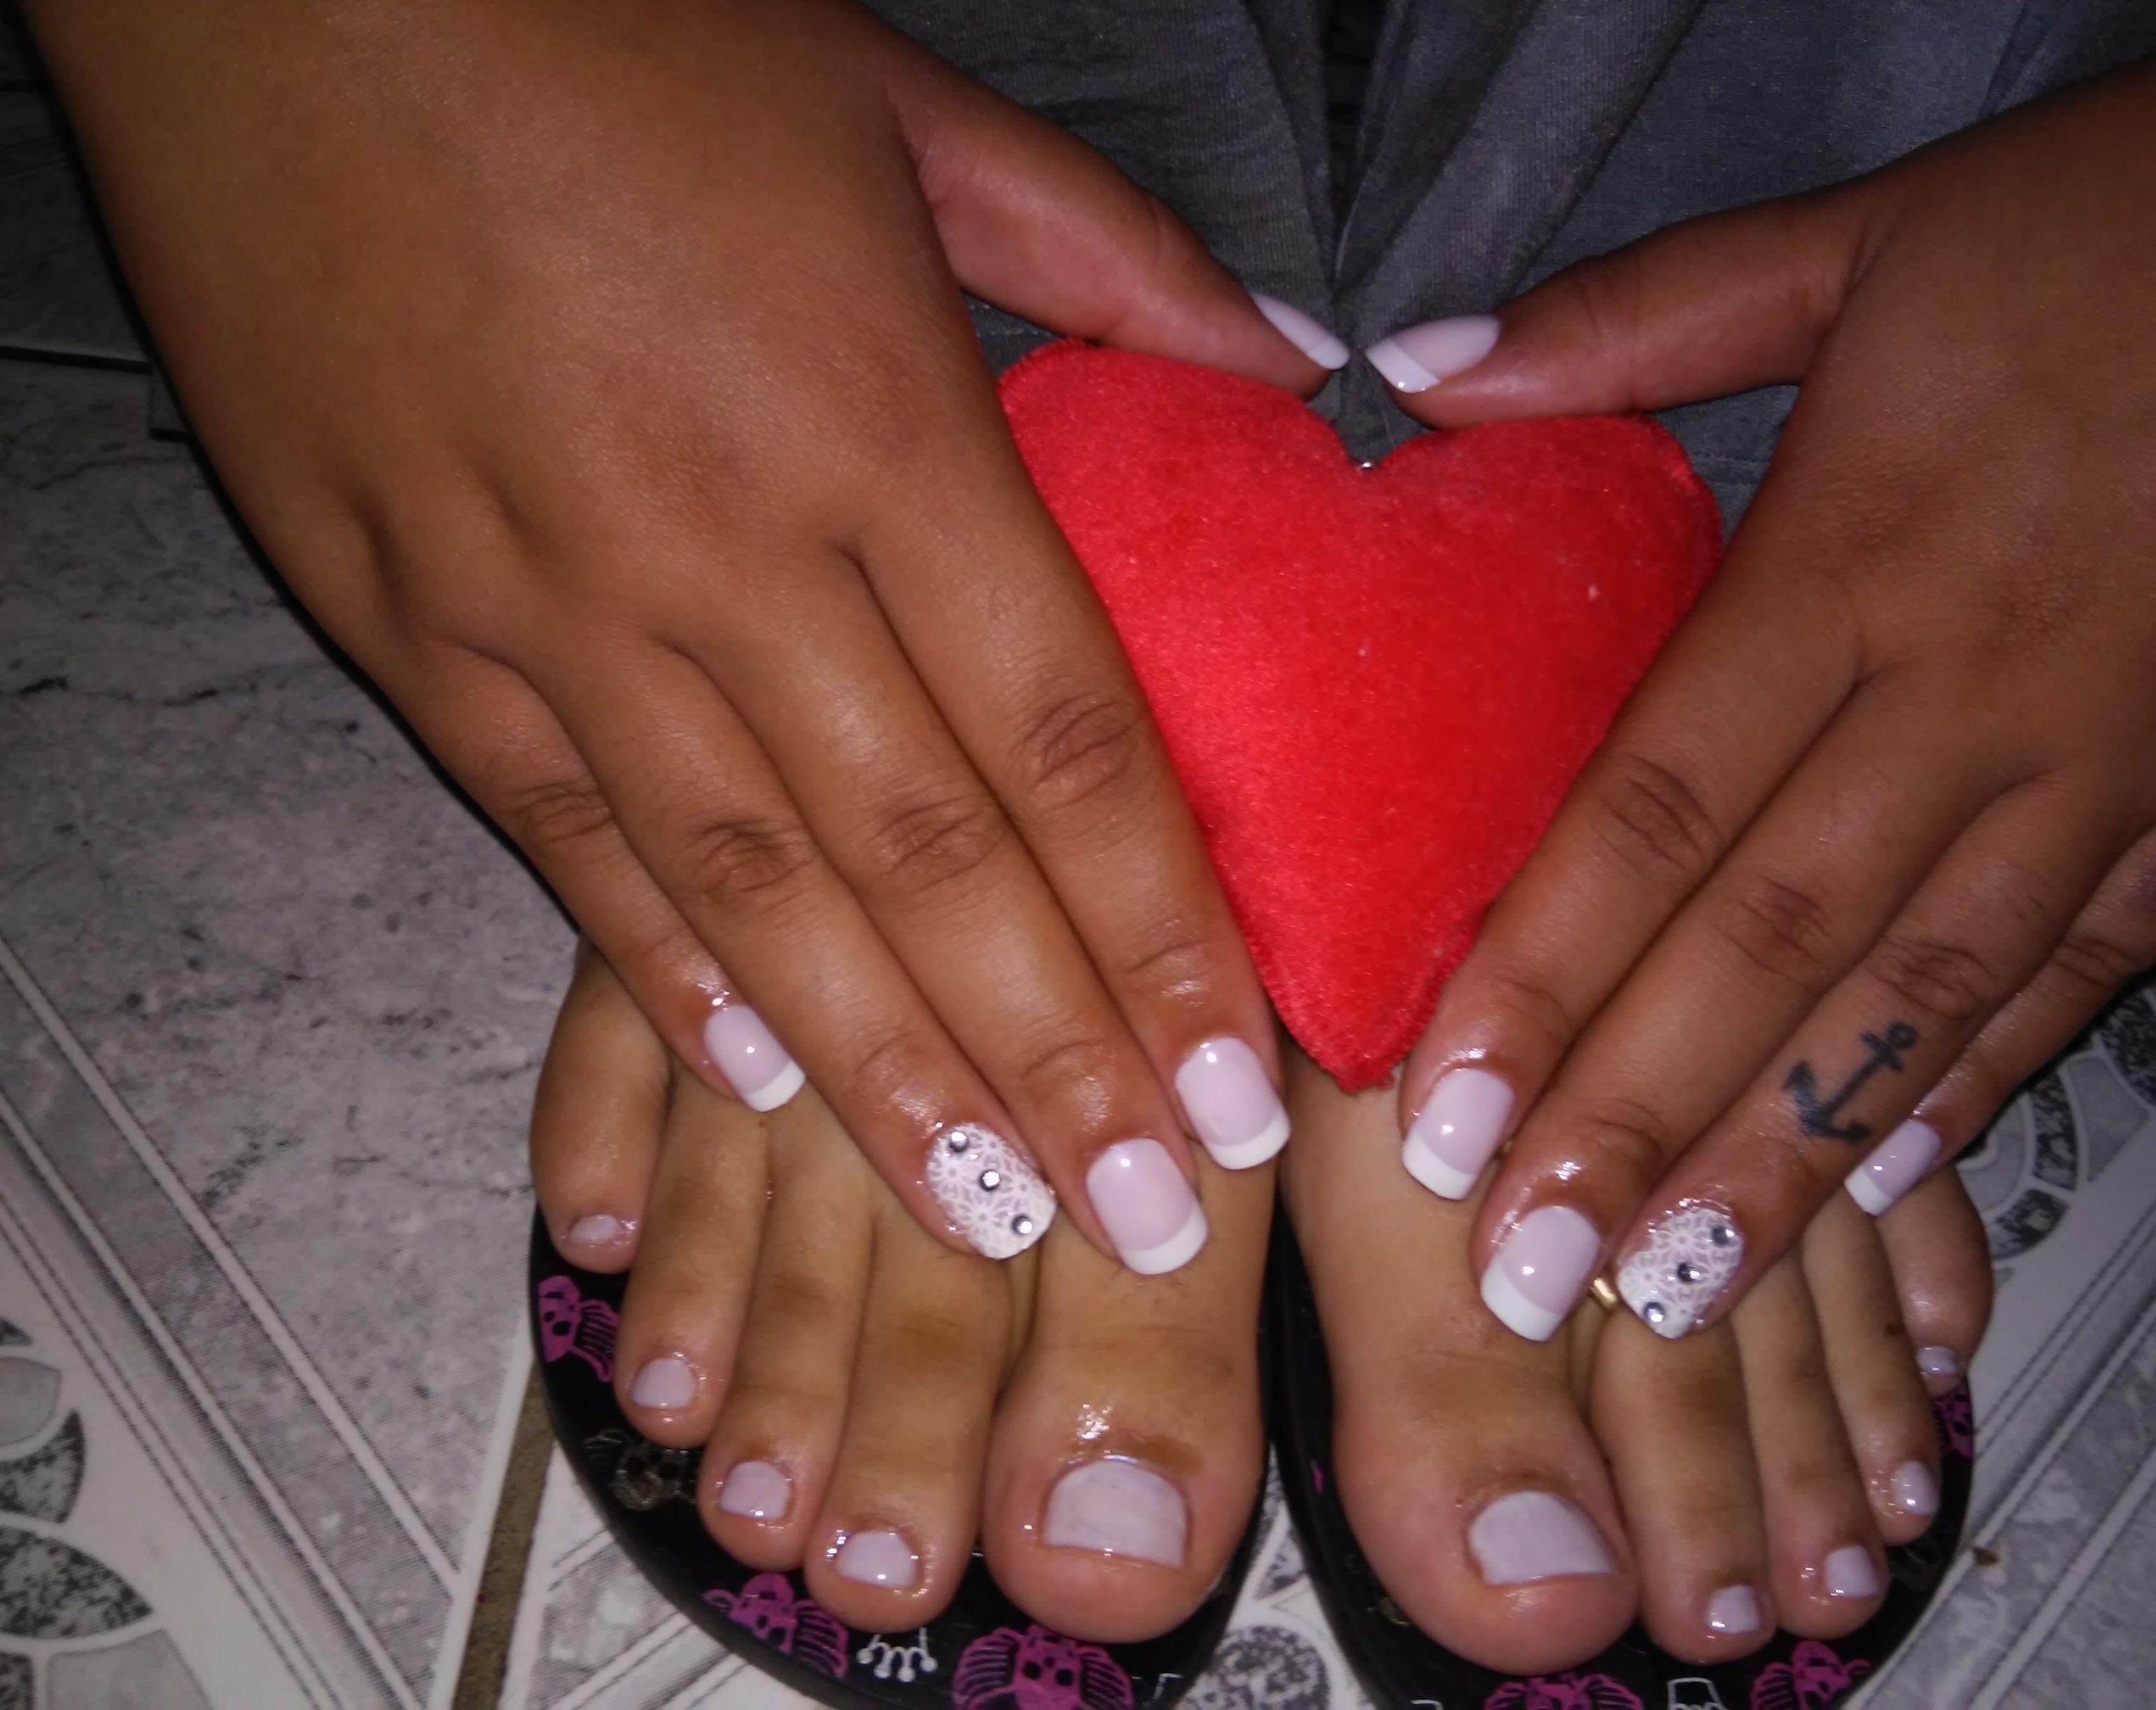 francesinha com pedrinhas, rosa delicado, dia-a-dia unhas  manicure e pedicure manicure e pedicure manicure e pedicure